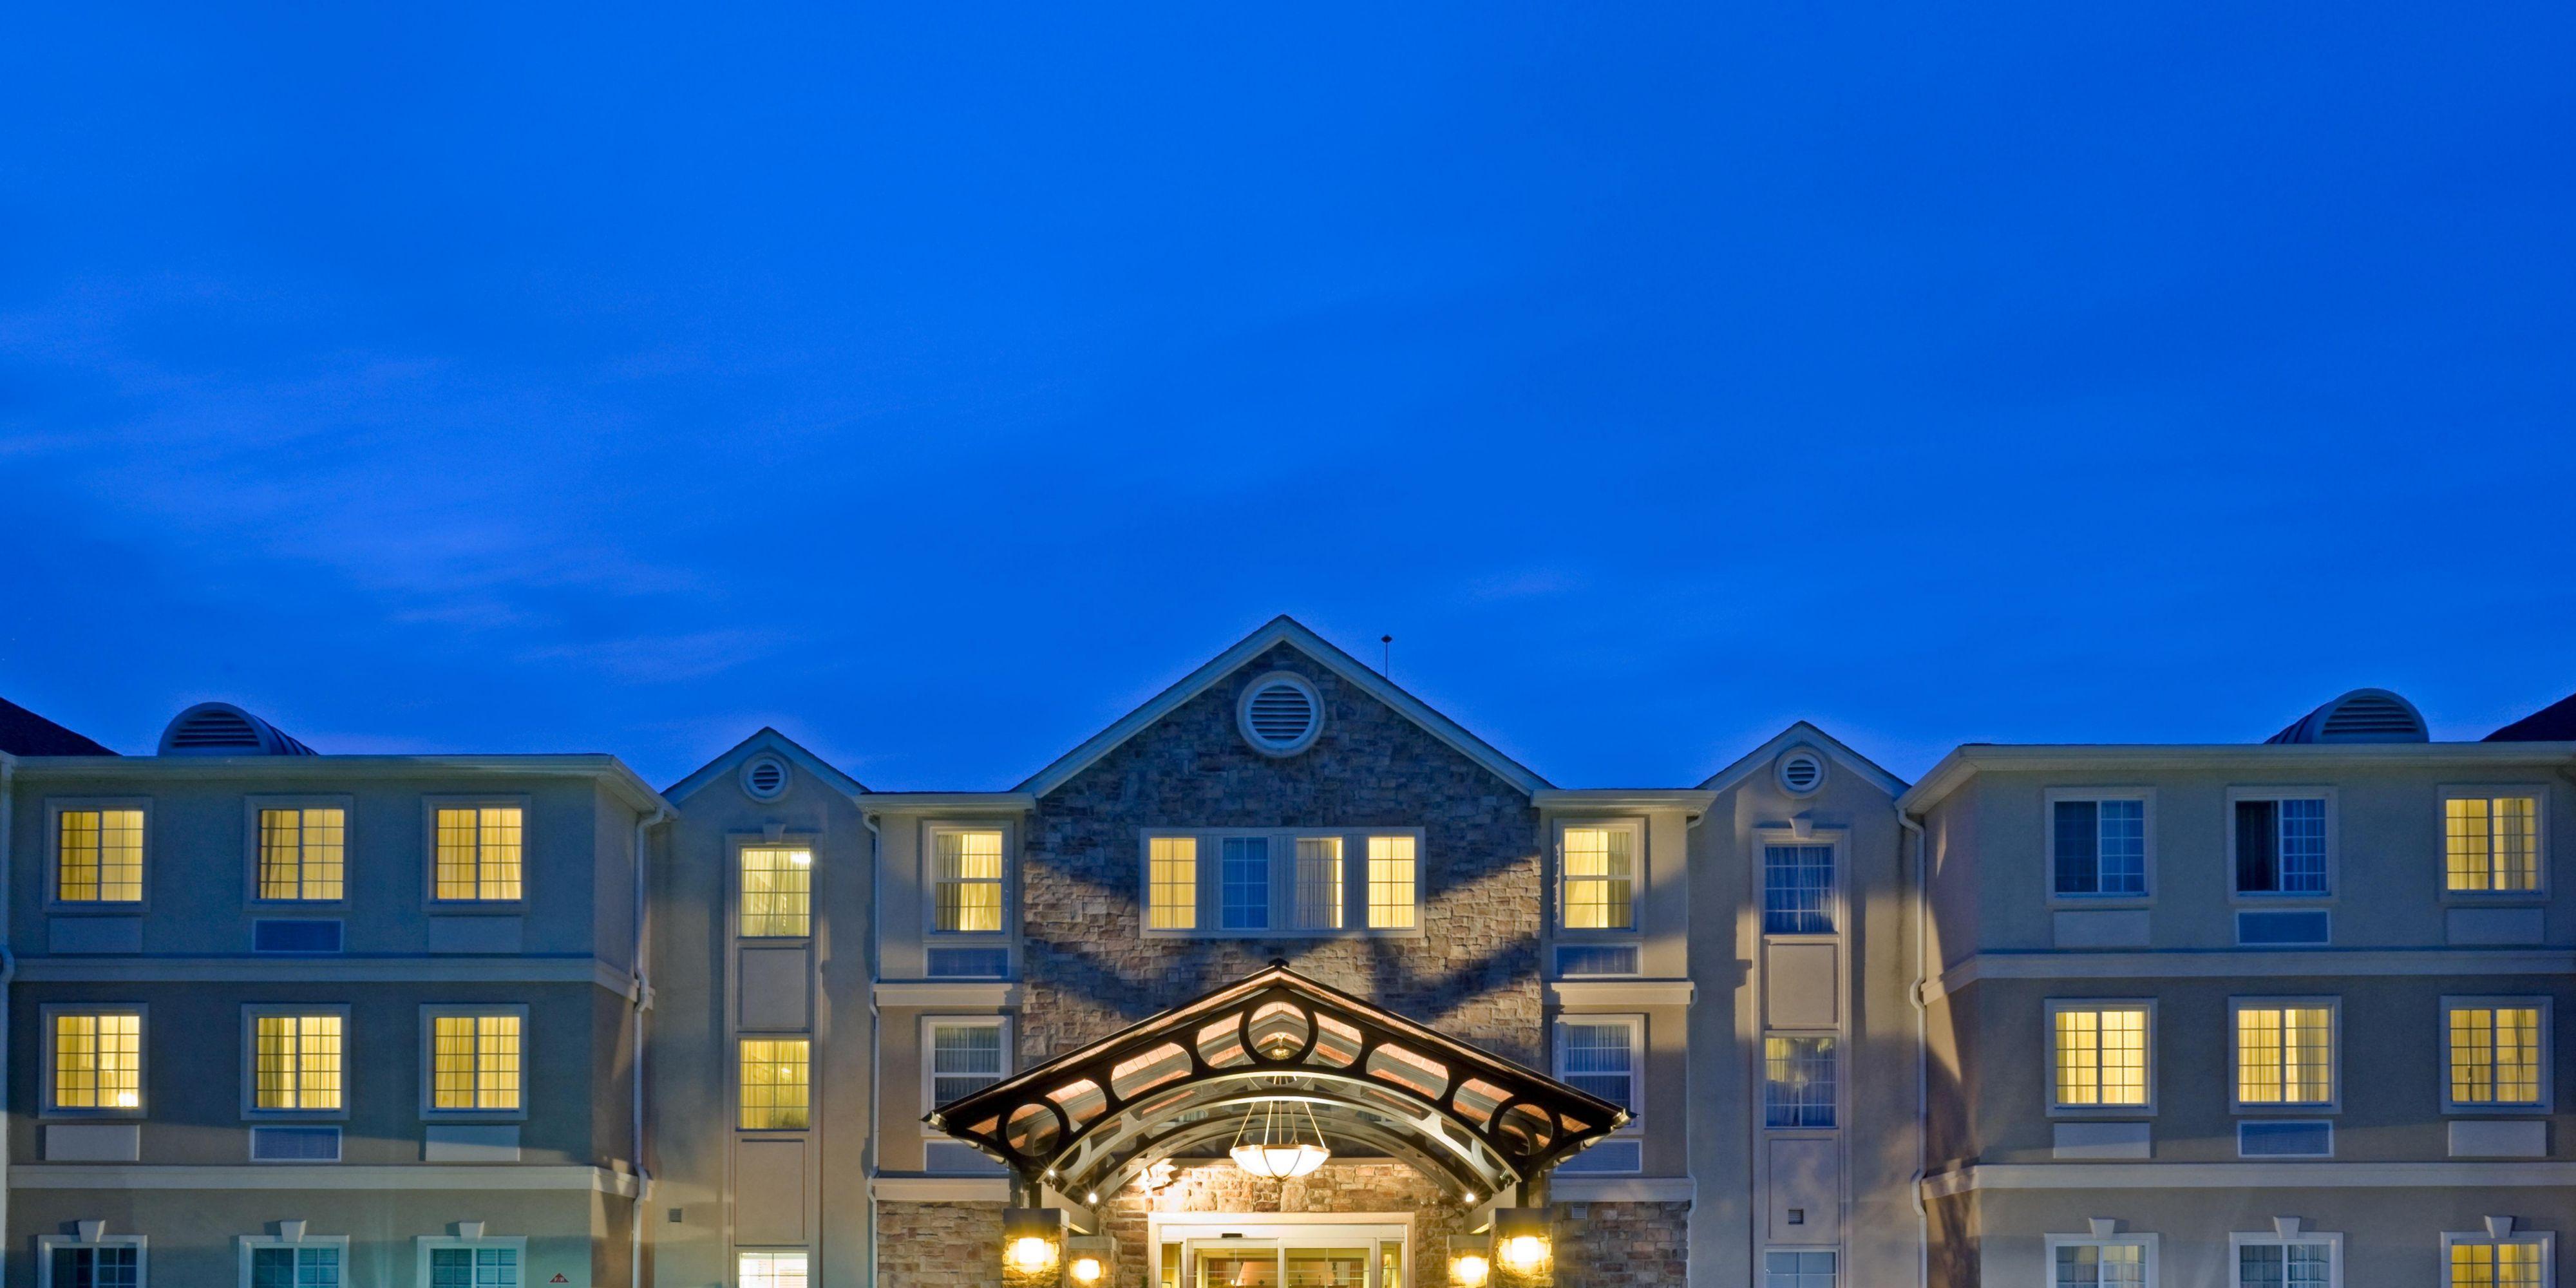 Staybridge Suites Philadelphia-Mt. Laurel image 0